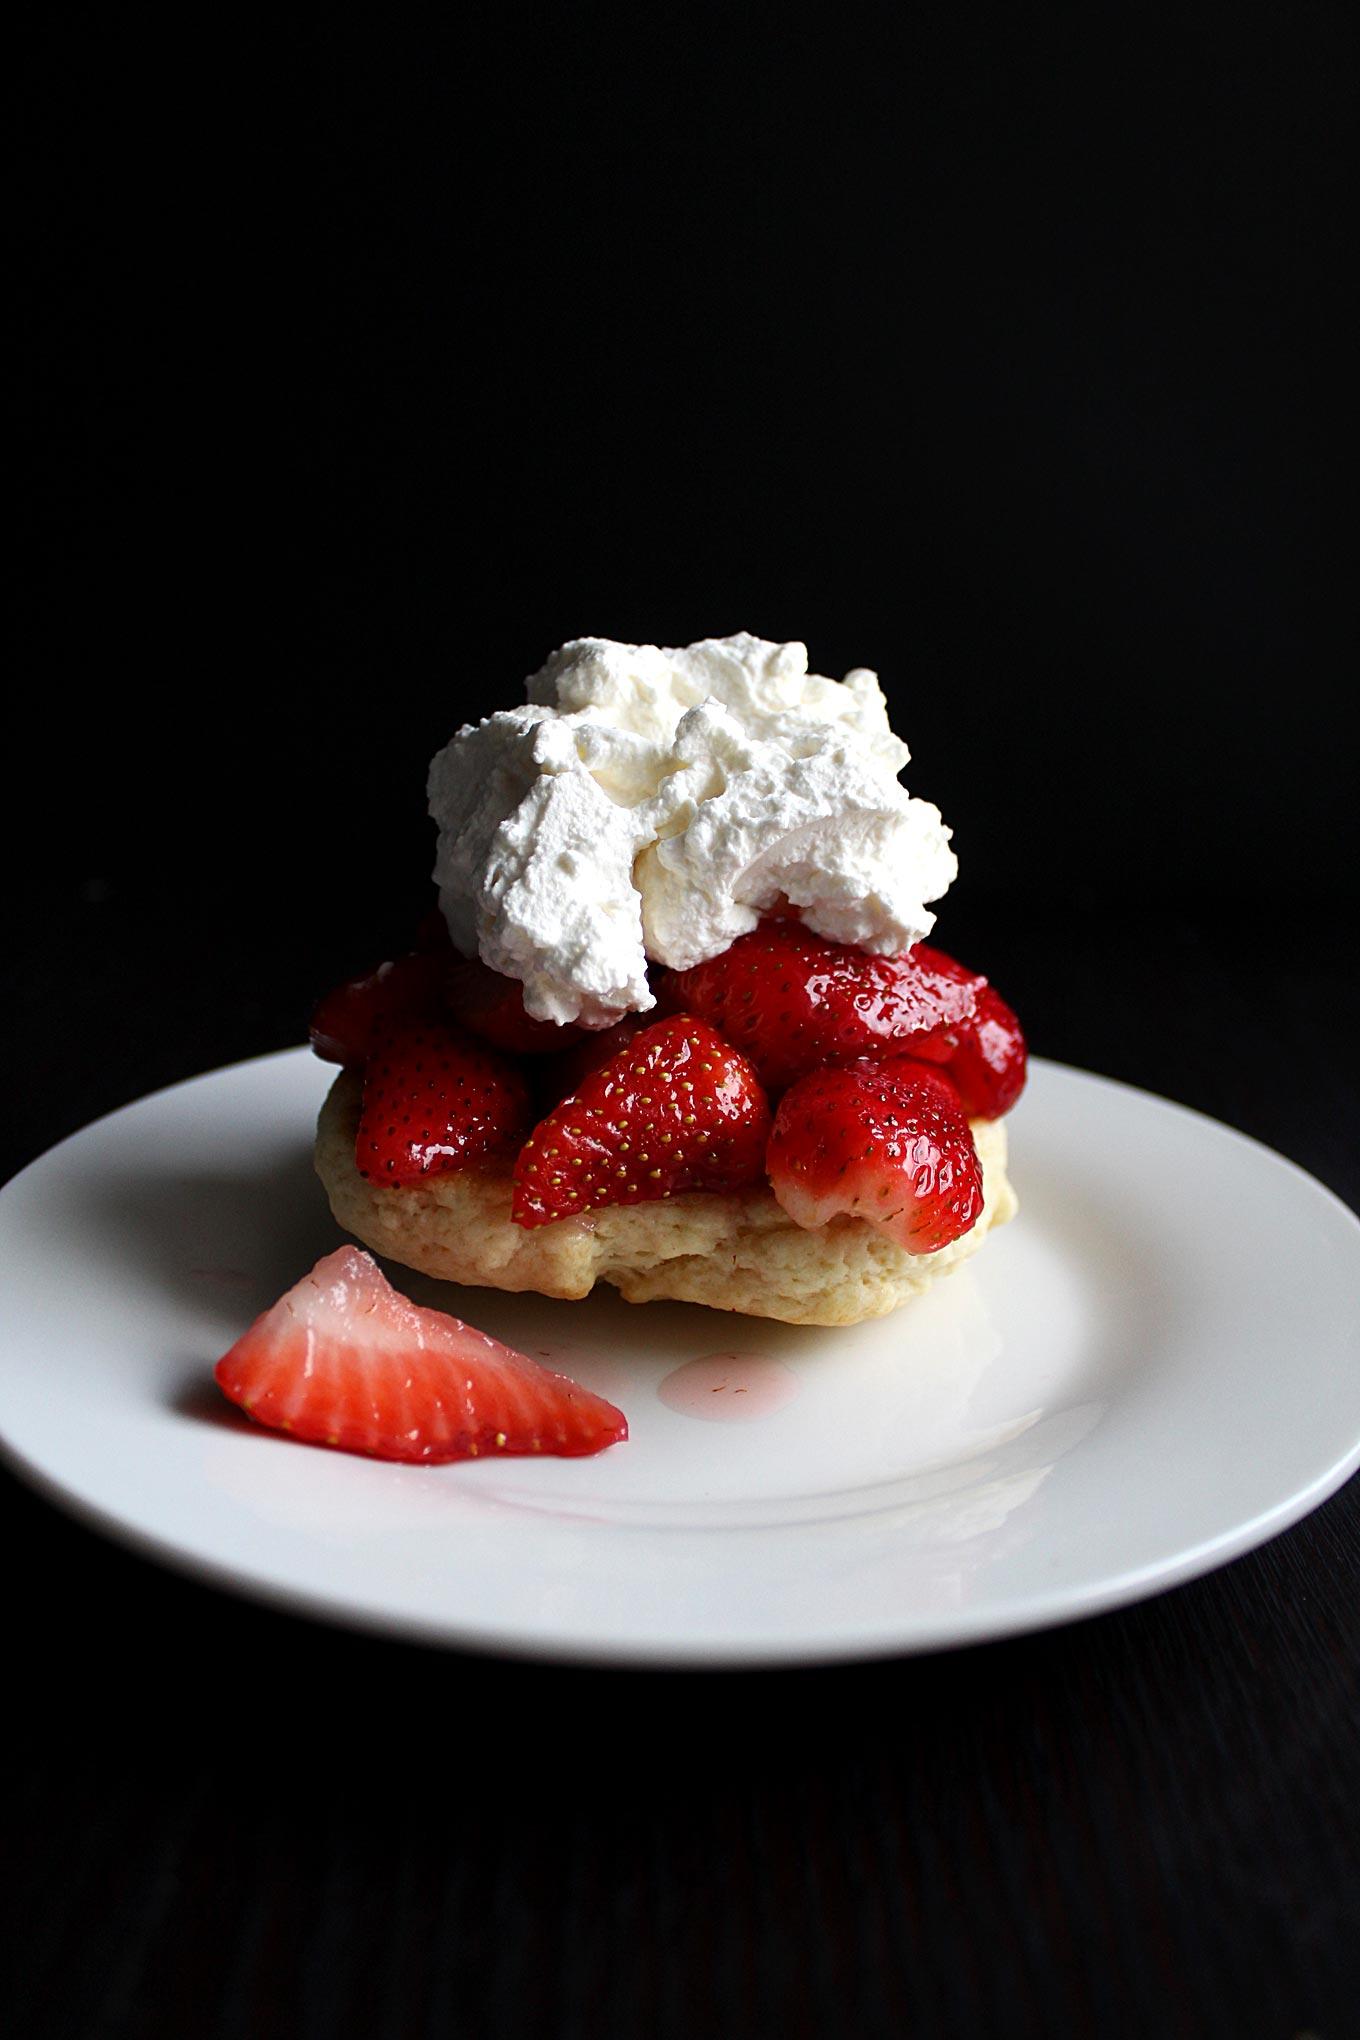 Strawberry Shortcake A Simple Homemade Dessert Wyldflour